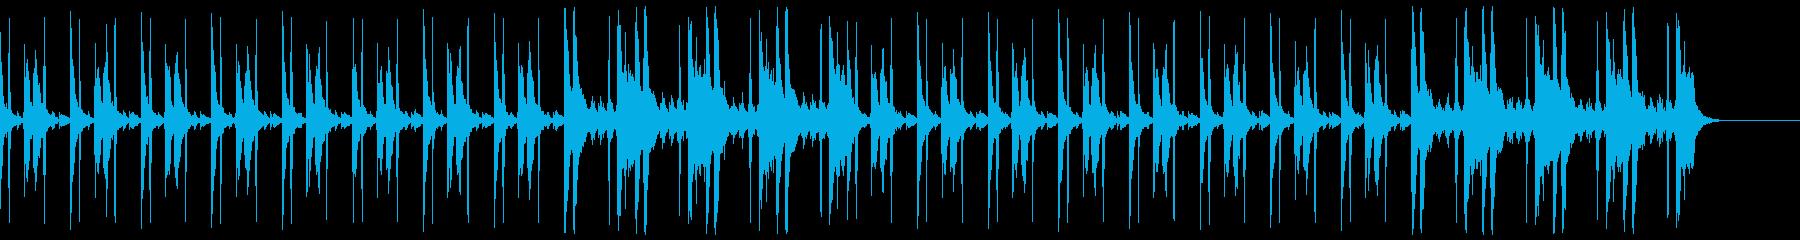 コソコソ怪しいBGM(ハイハット有り)の再生済みの波形